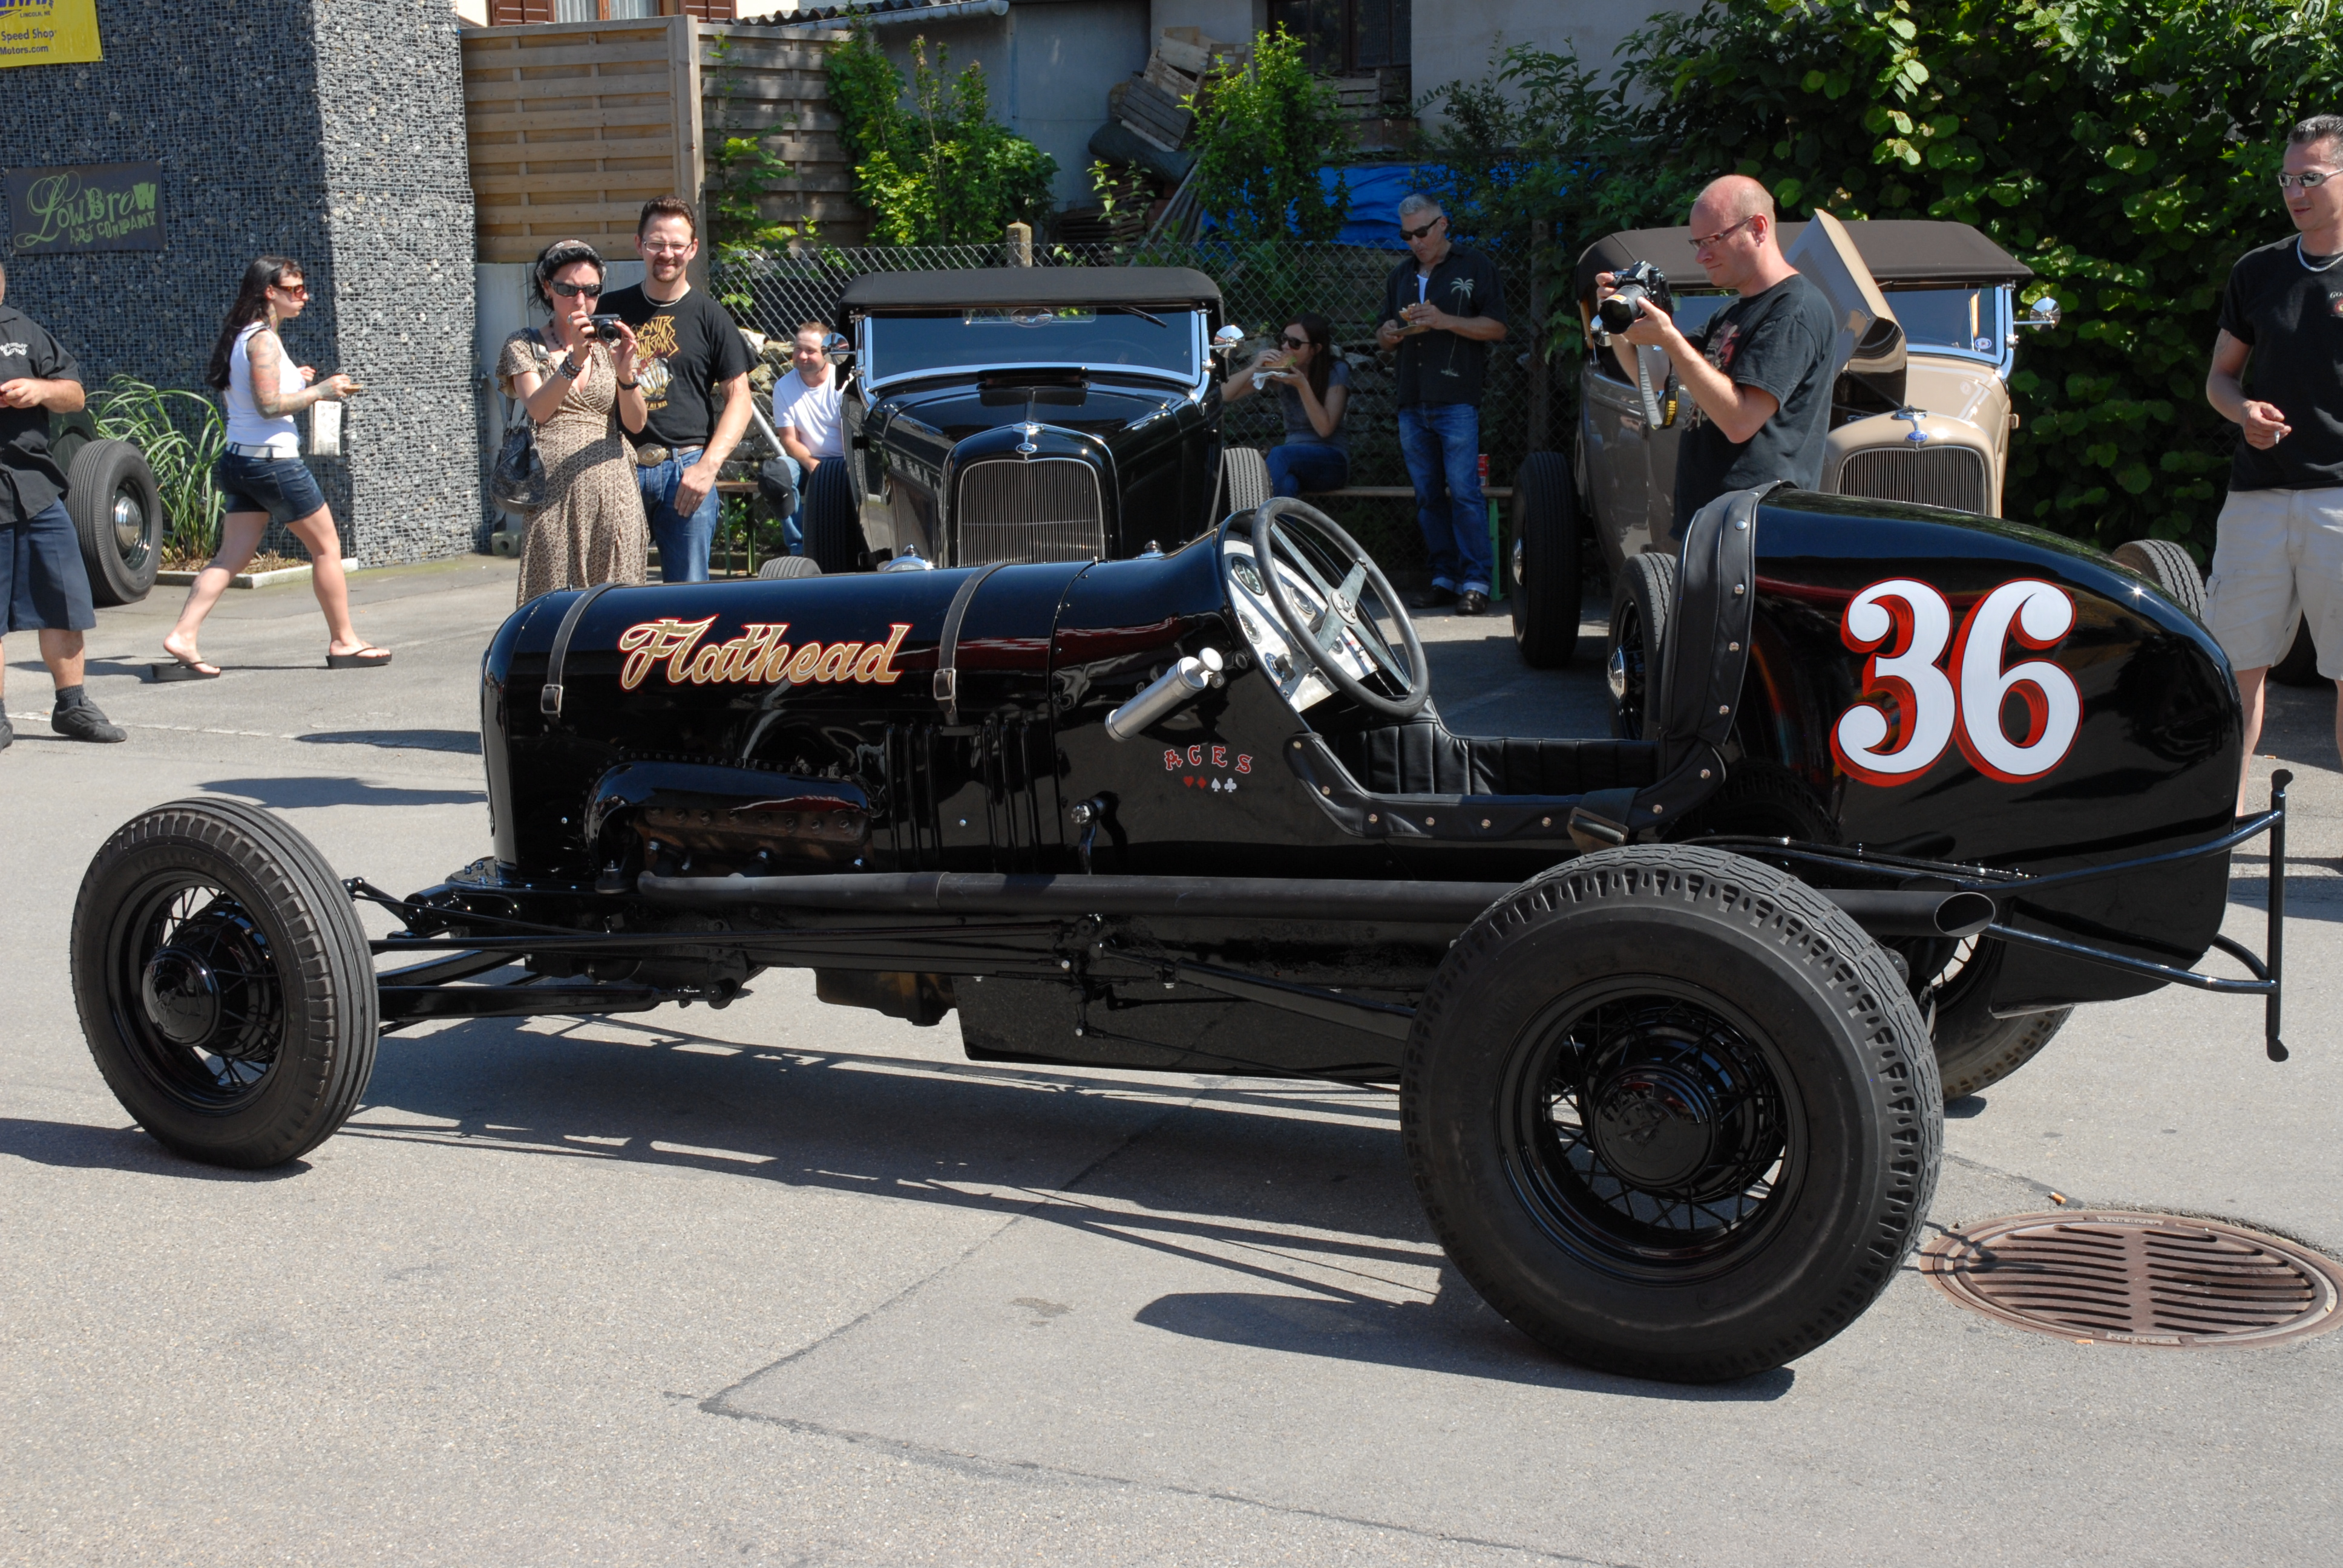 Marcel's dirt track racer